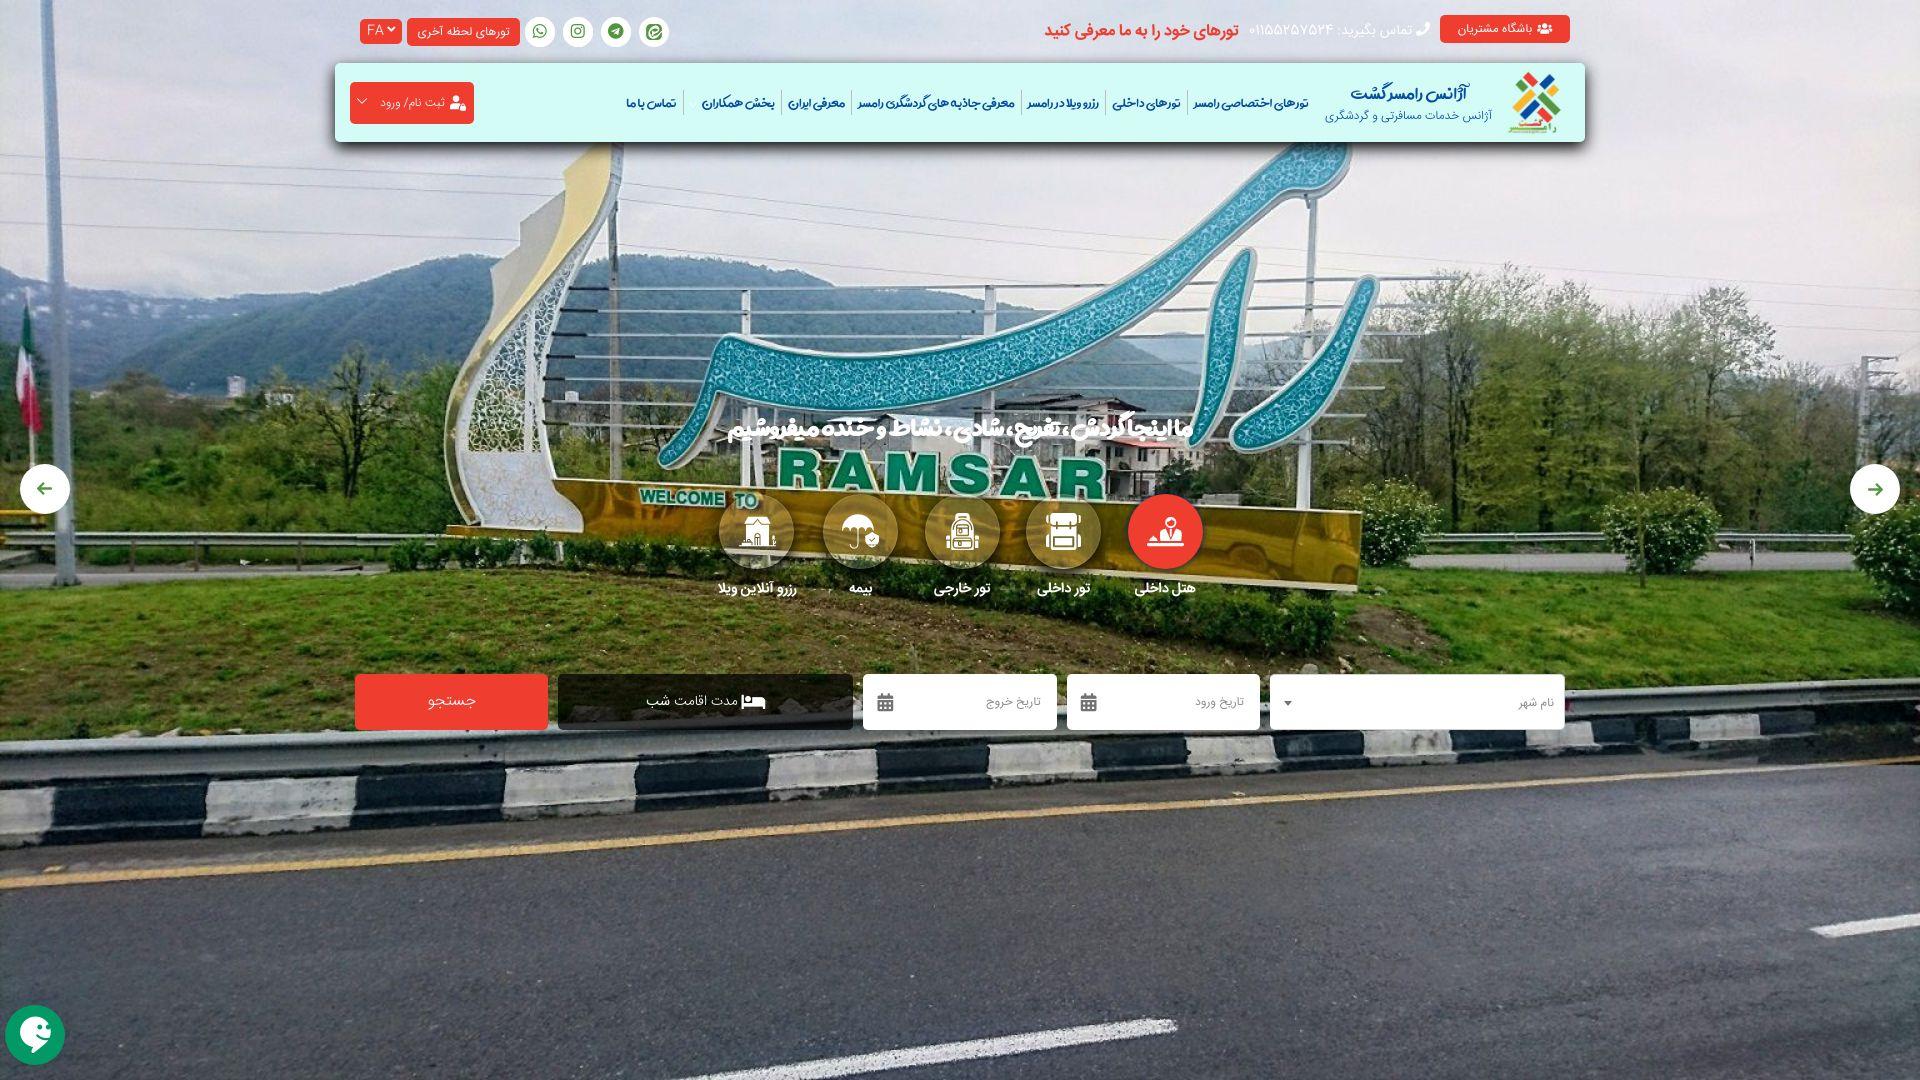 طراحی سیستم - طراحی سایت آژانس مسافرتی رامسر گشت